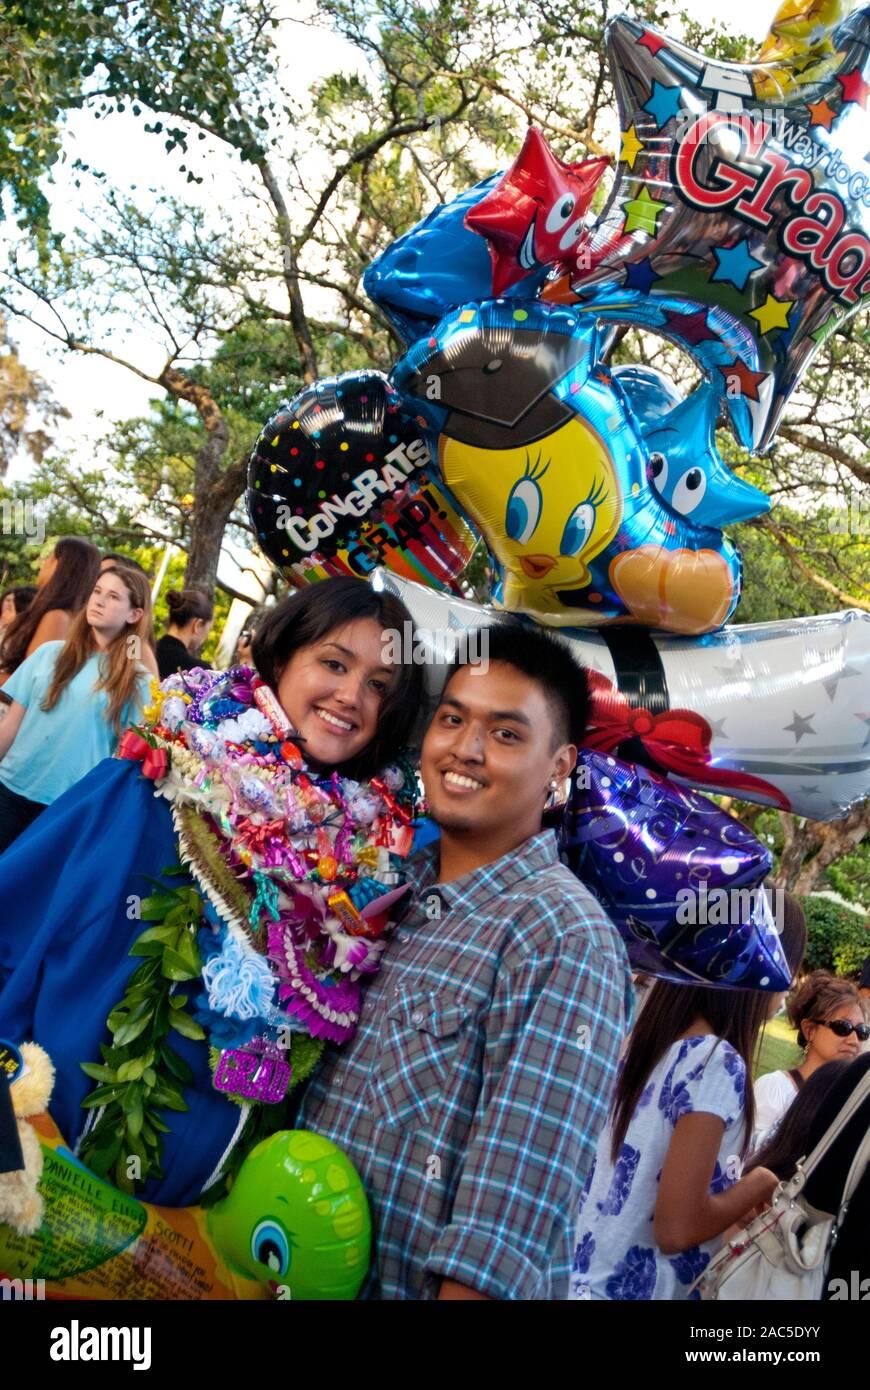 L'obtention du diplôme de l'Académie de la région du Pacifique, maintenant une école privée fermée, à Honolulu, sur l'île de O'ahu. Banque D'Images